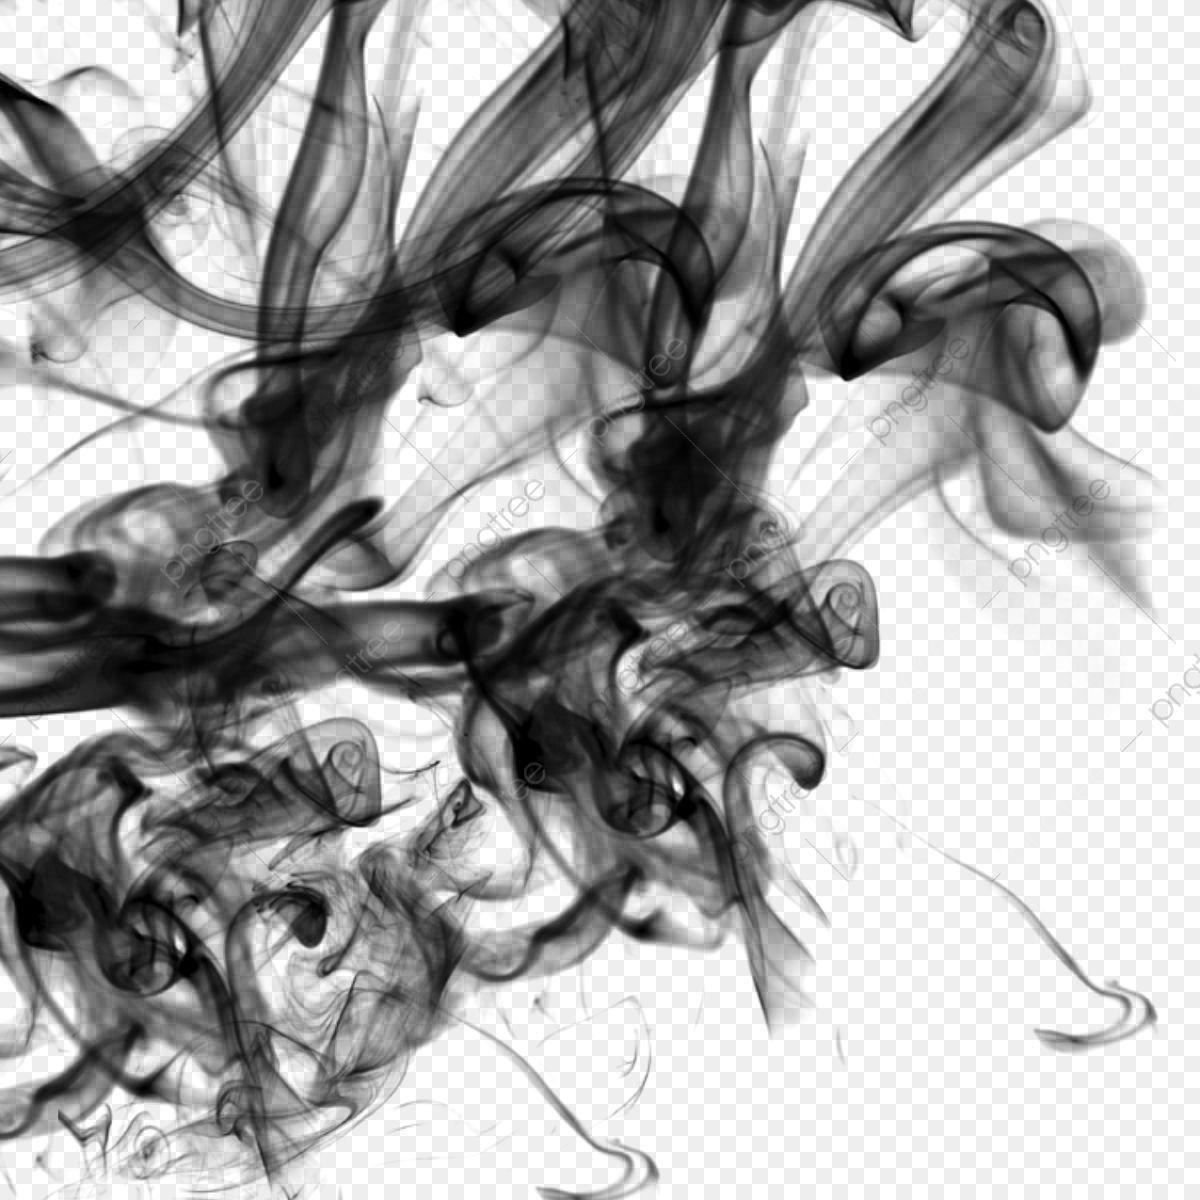 Ilustracao De Fumaca Preta Preto Fumaca Cor Imagem Png E Psd Para Download Gratuito Smoke Background Background Wallpaper For Photoshop Black Background Images